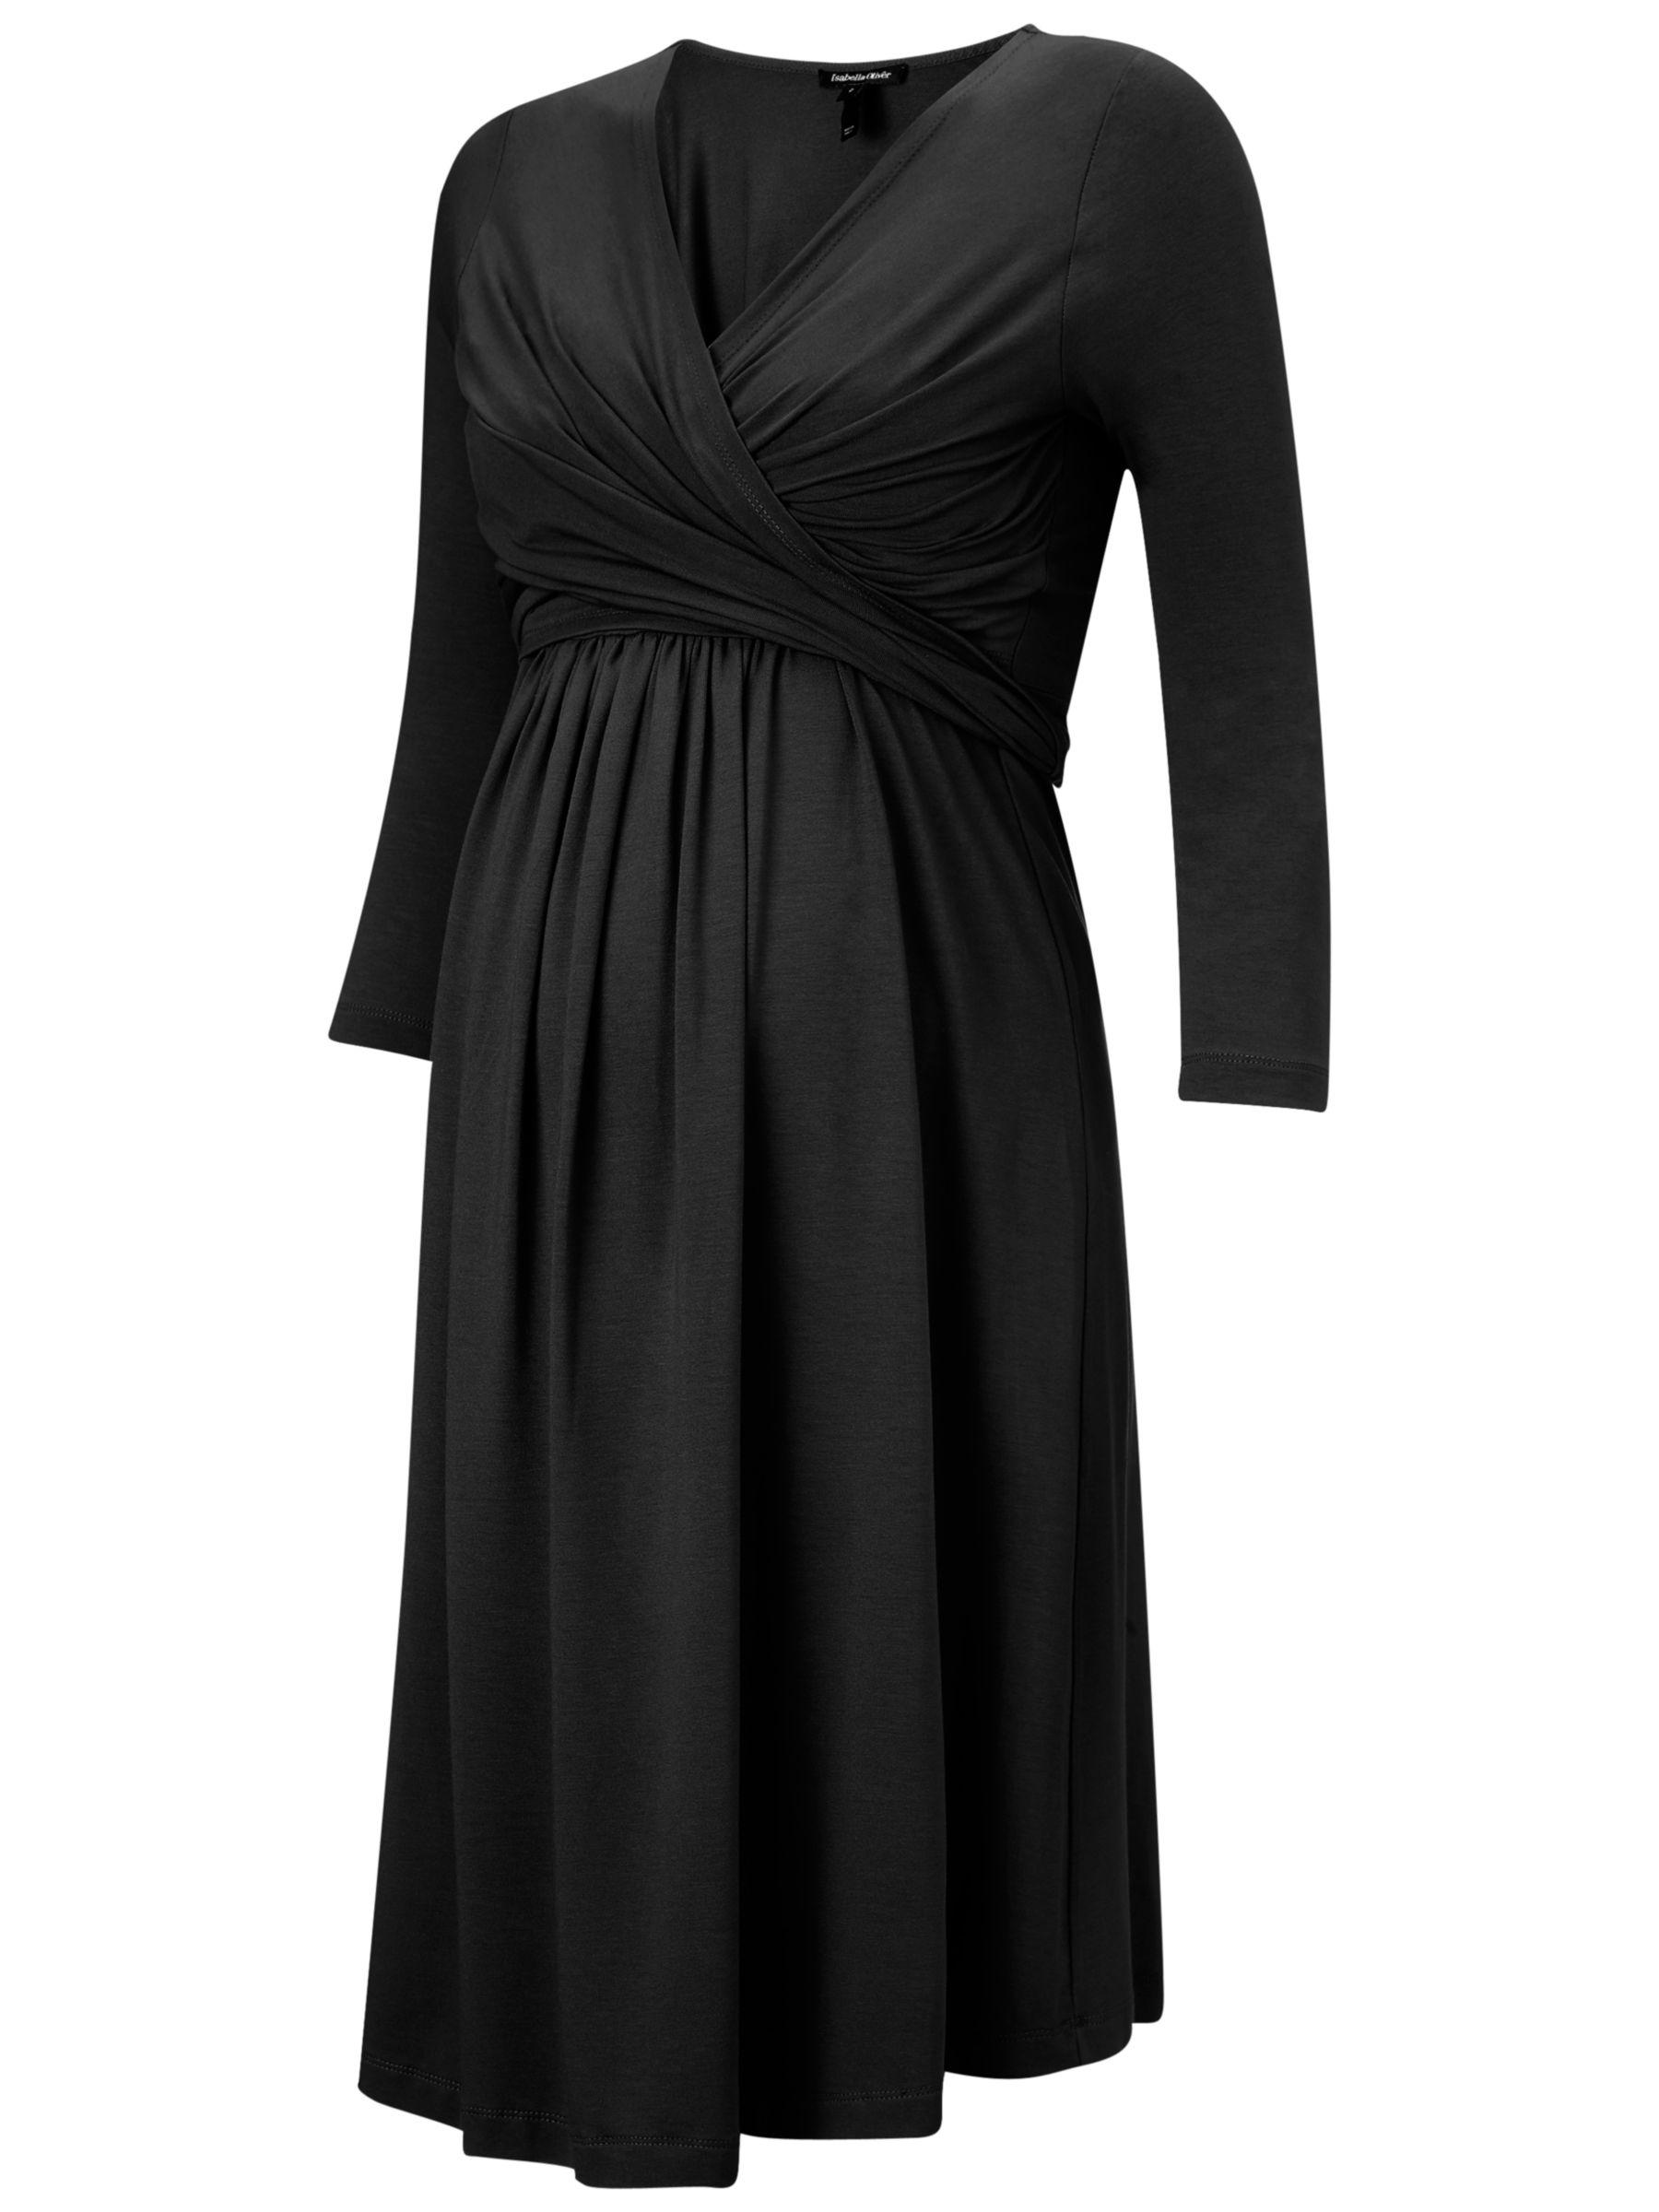 Isabella Oliver Isabella Oliver Emily Maternity Dress, Caviar Black